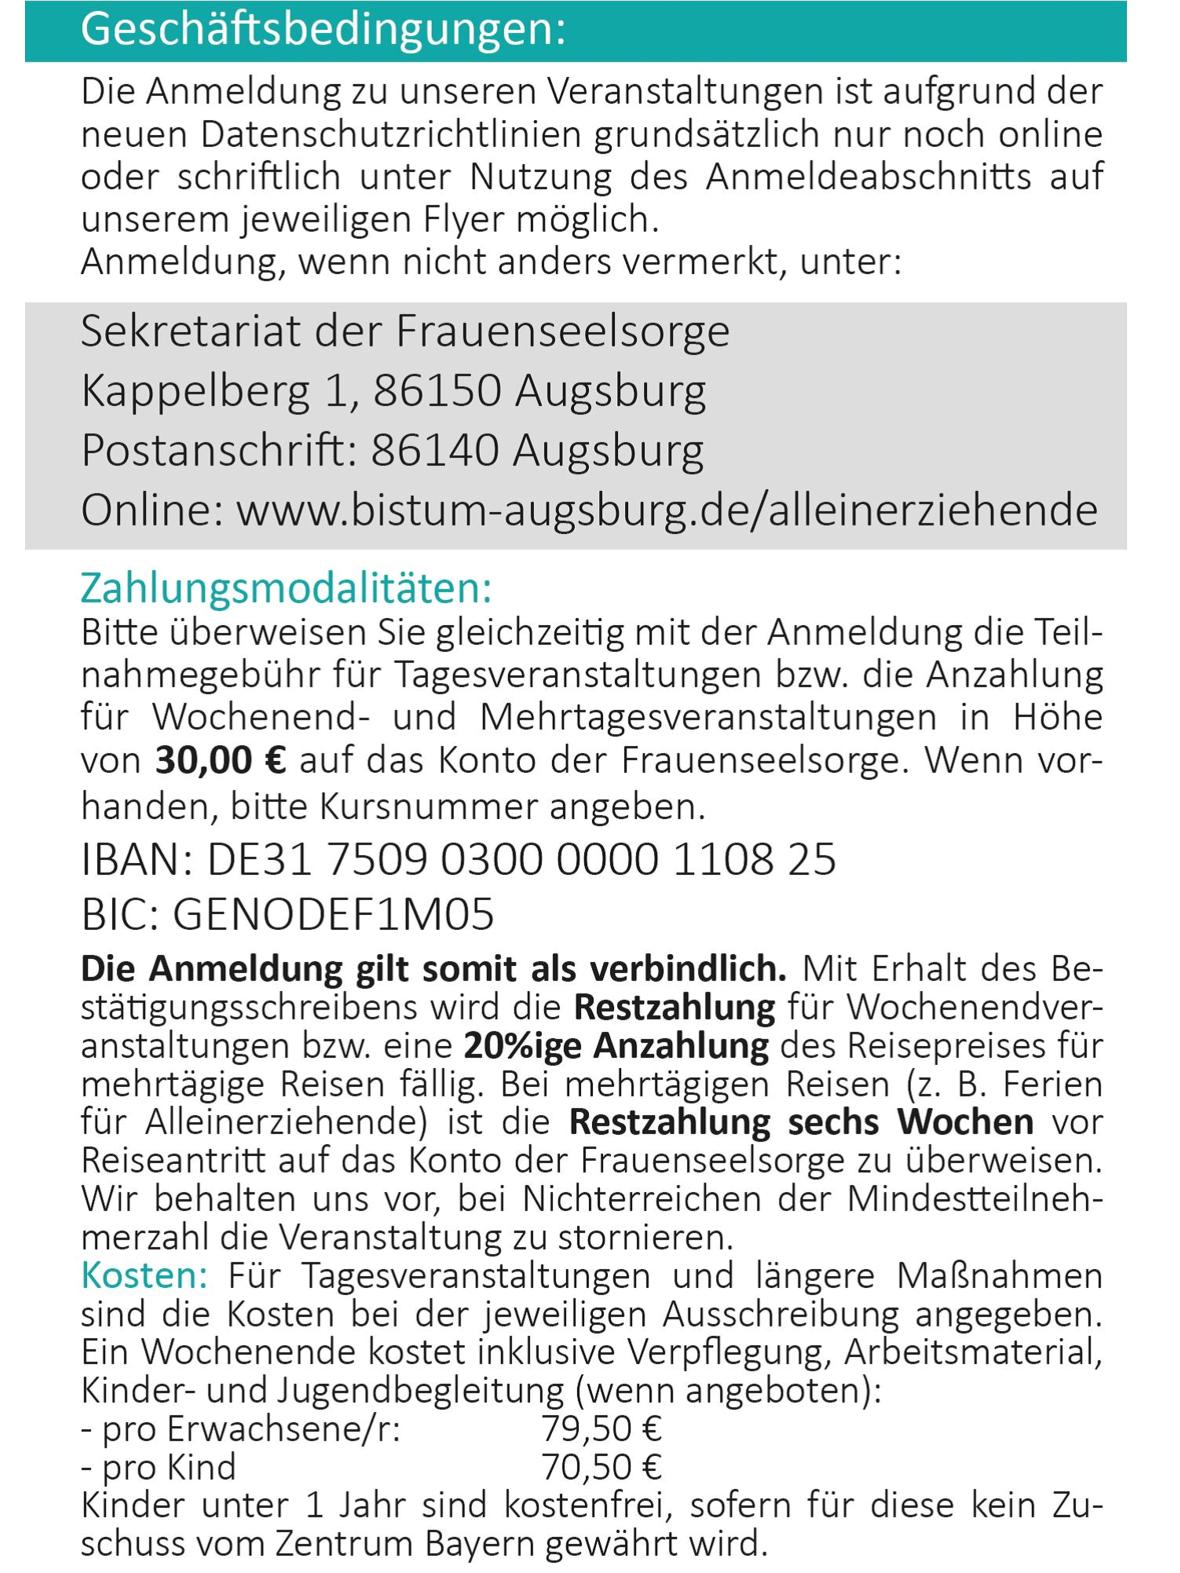 Geschäftsbedingungen AEZ_Endstand gedruckt.docx